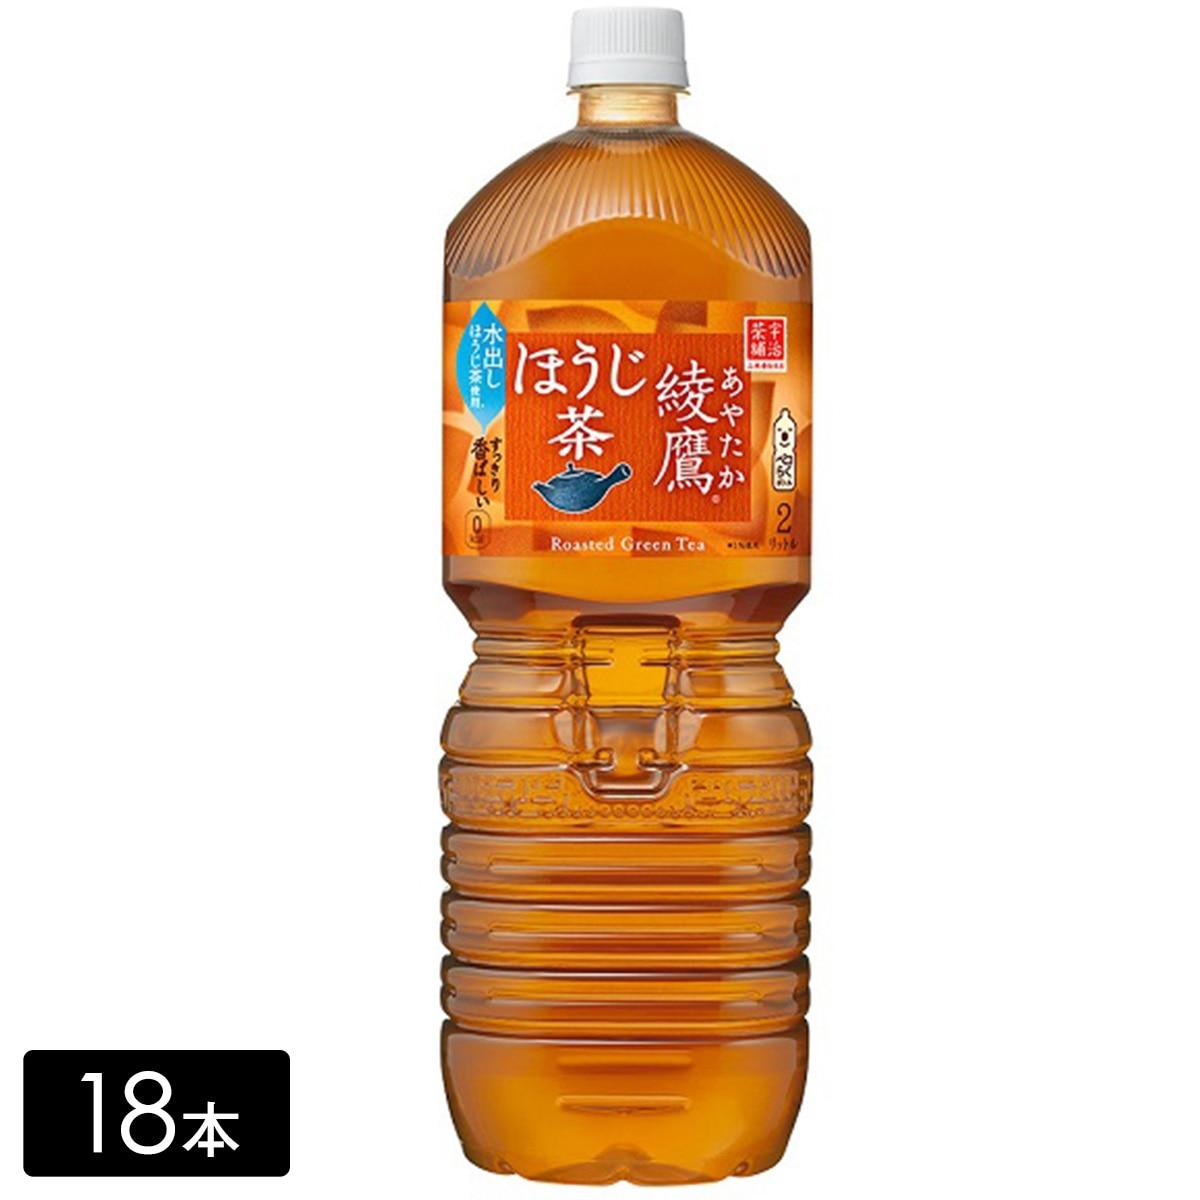 コカ・コーラボトラーズ 綾鷹 ほうじ茶 2L×18本 51751